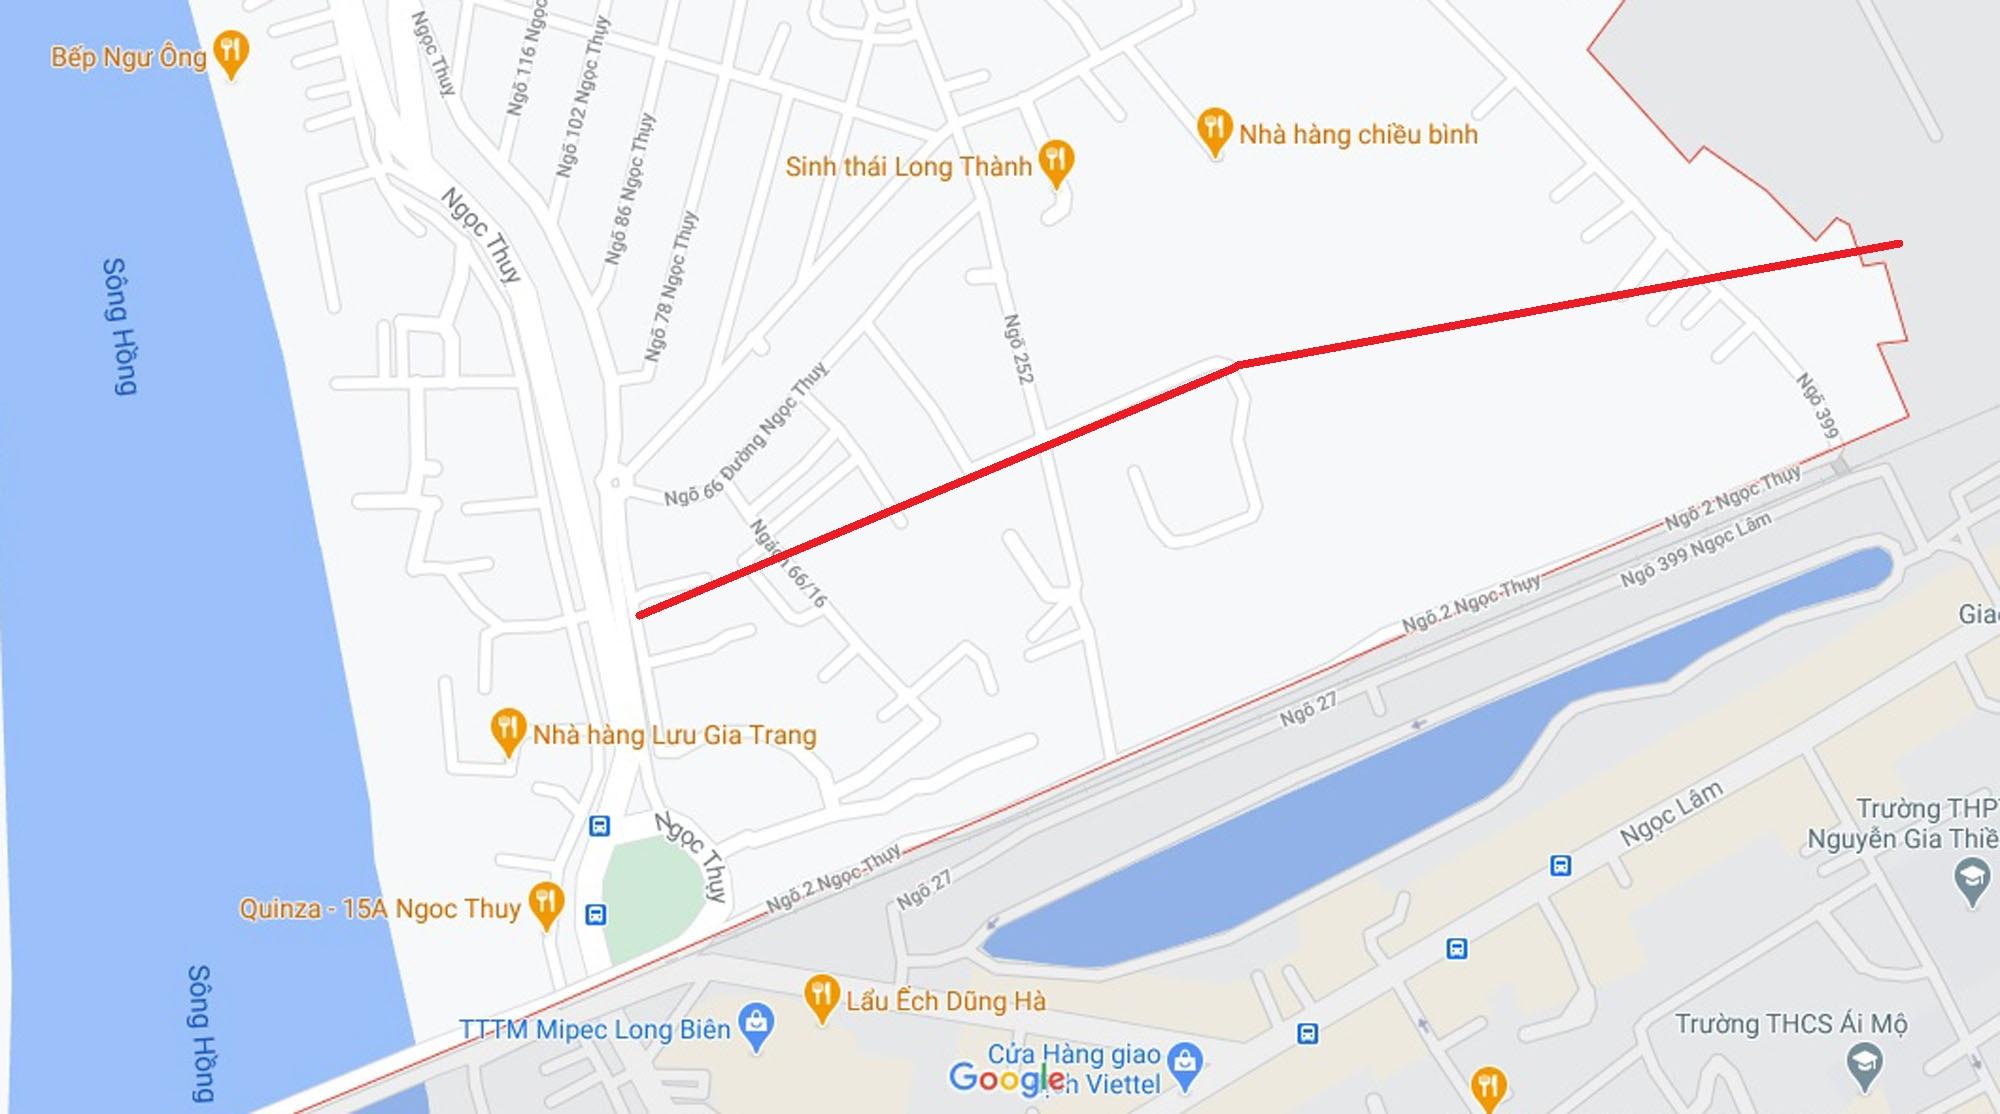 Ba đường mở theo qui hoạch ở phường Ngọc Thụy, Long Biên, Hà Nội (phần 2) - Ảnh 2.